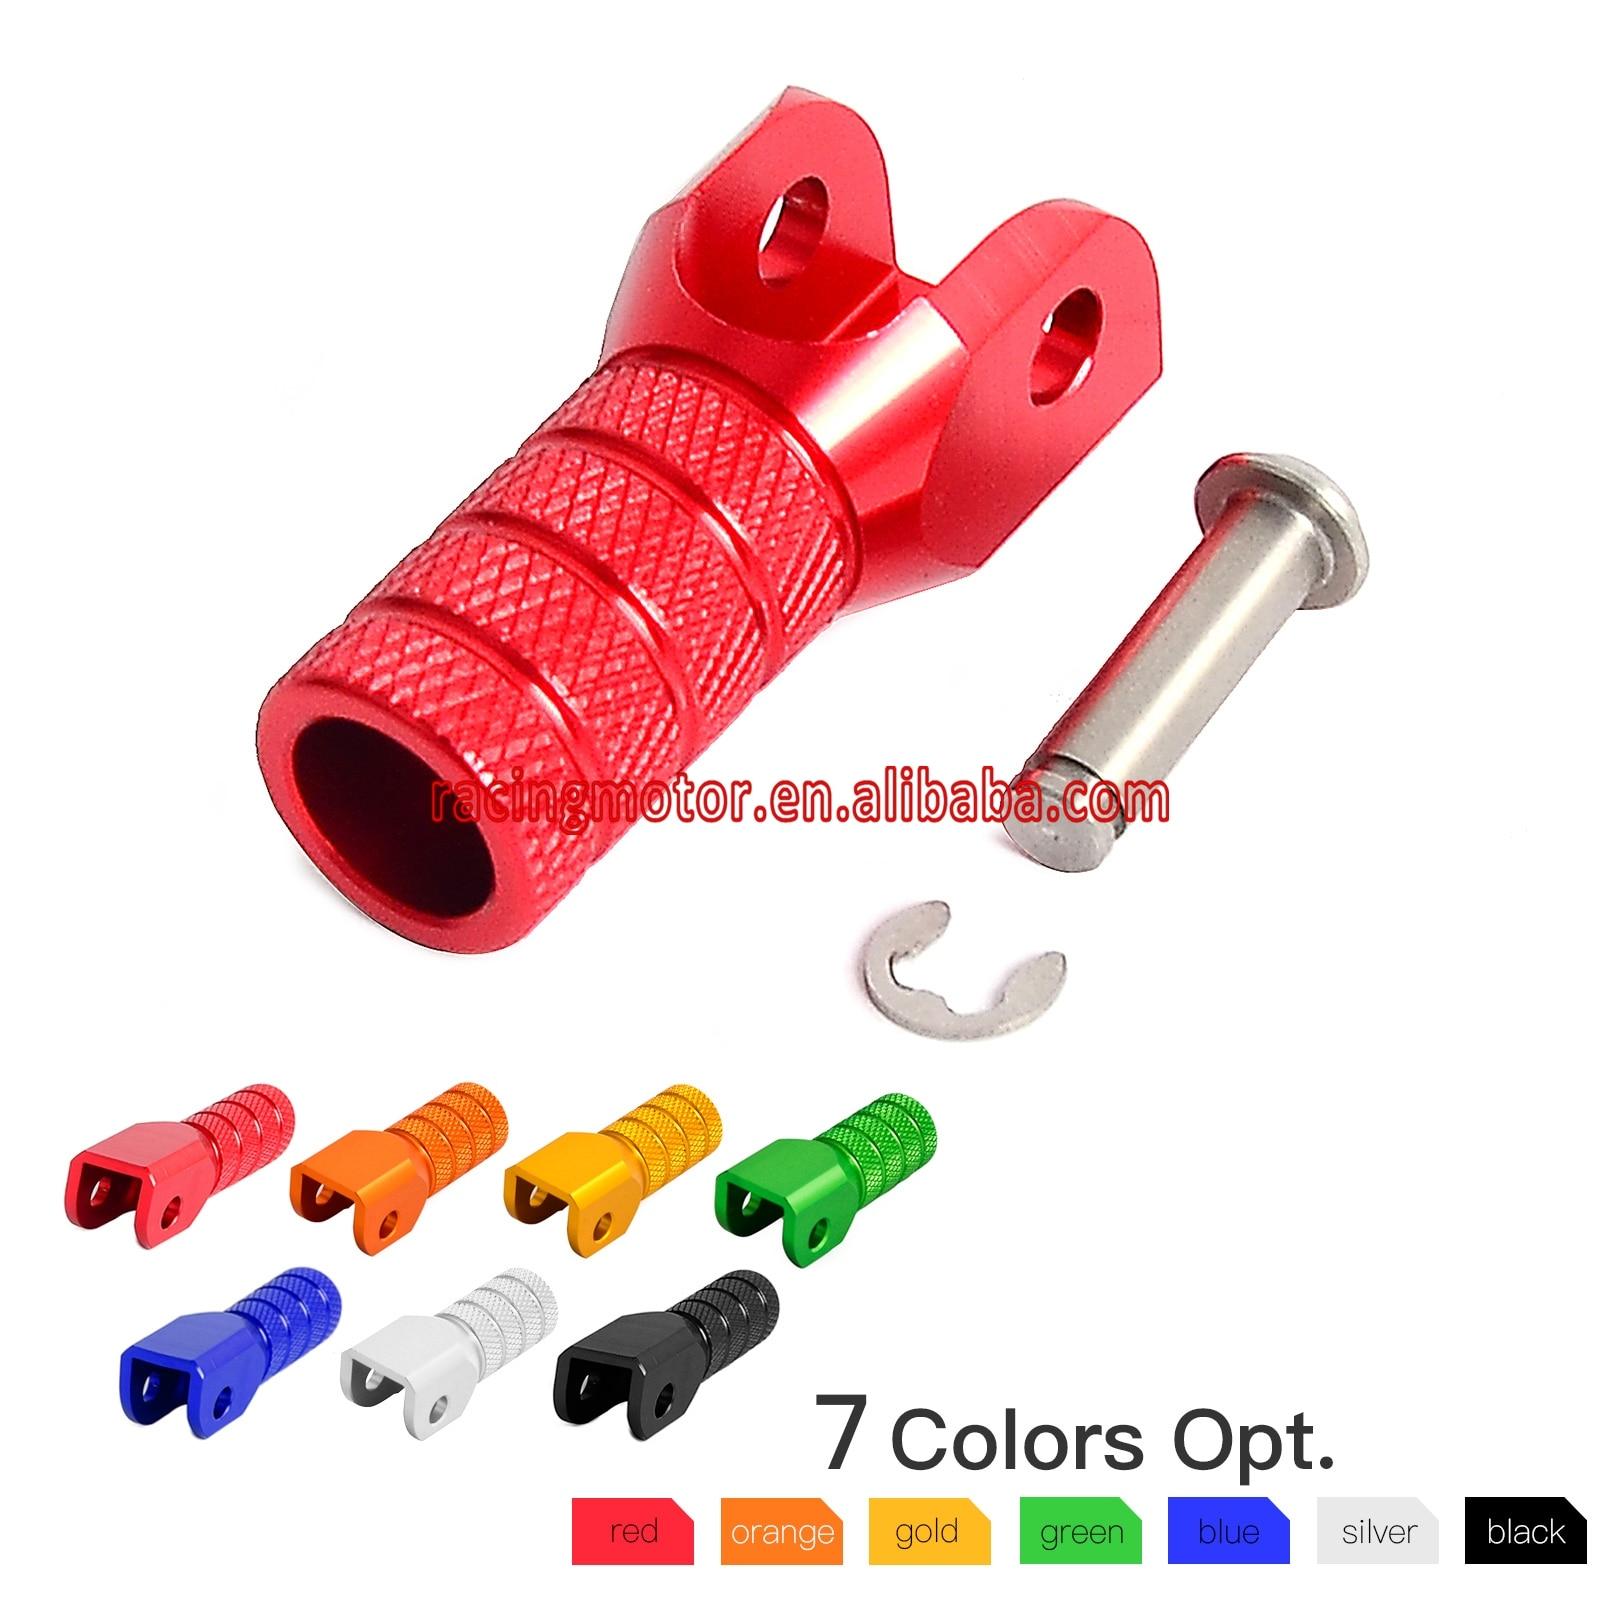 Versnellingshendel Tip Toe Voor Suzuki RM80 RM85 RM125 RM250 RM-Z250 - Motoraccessoires en onderdelen